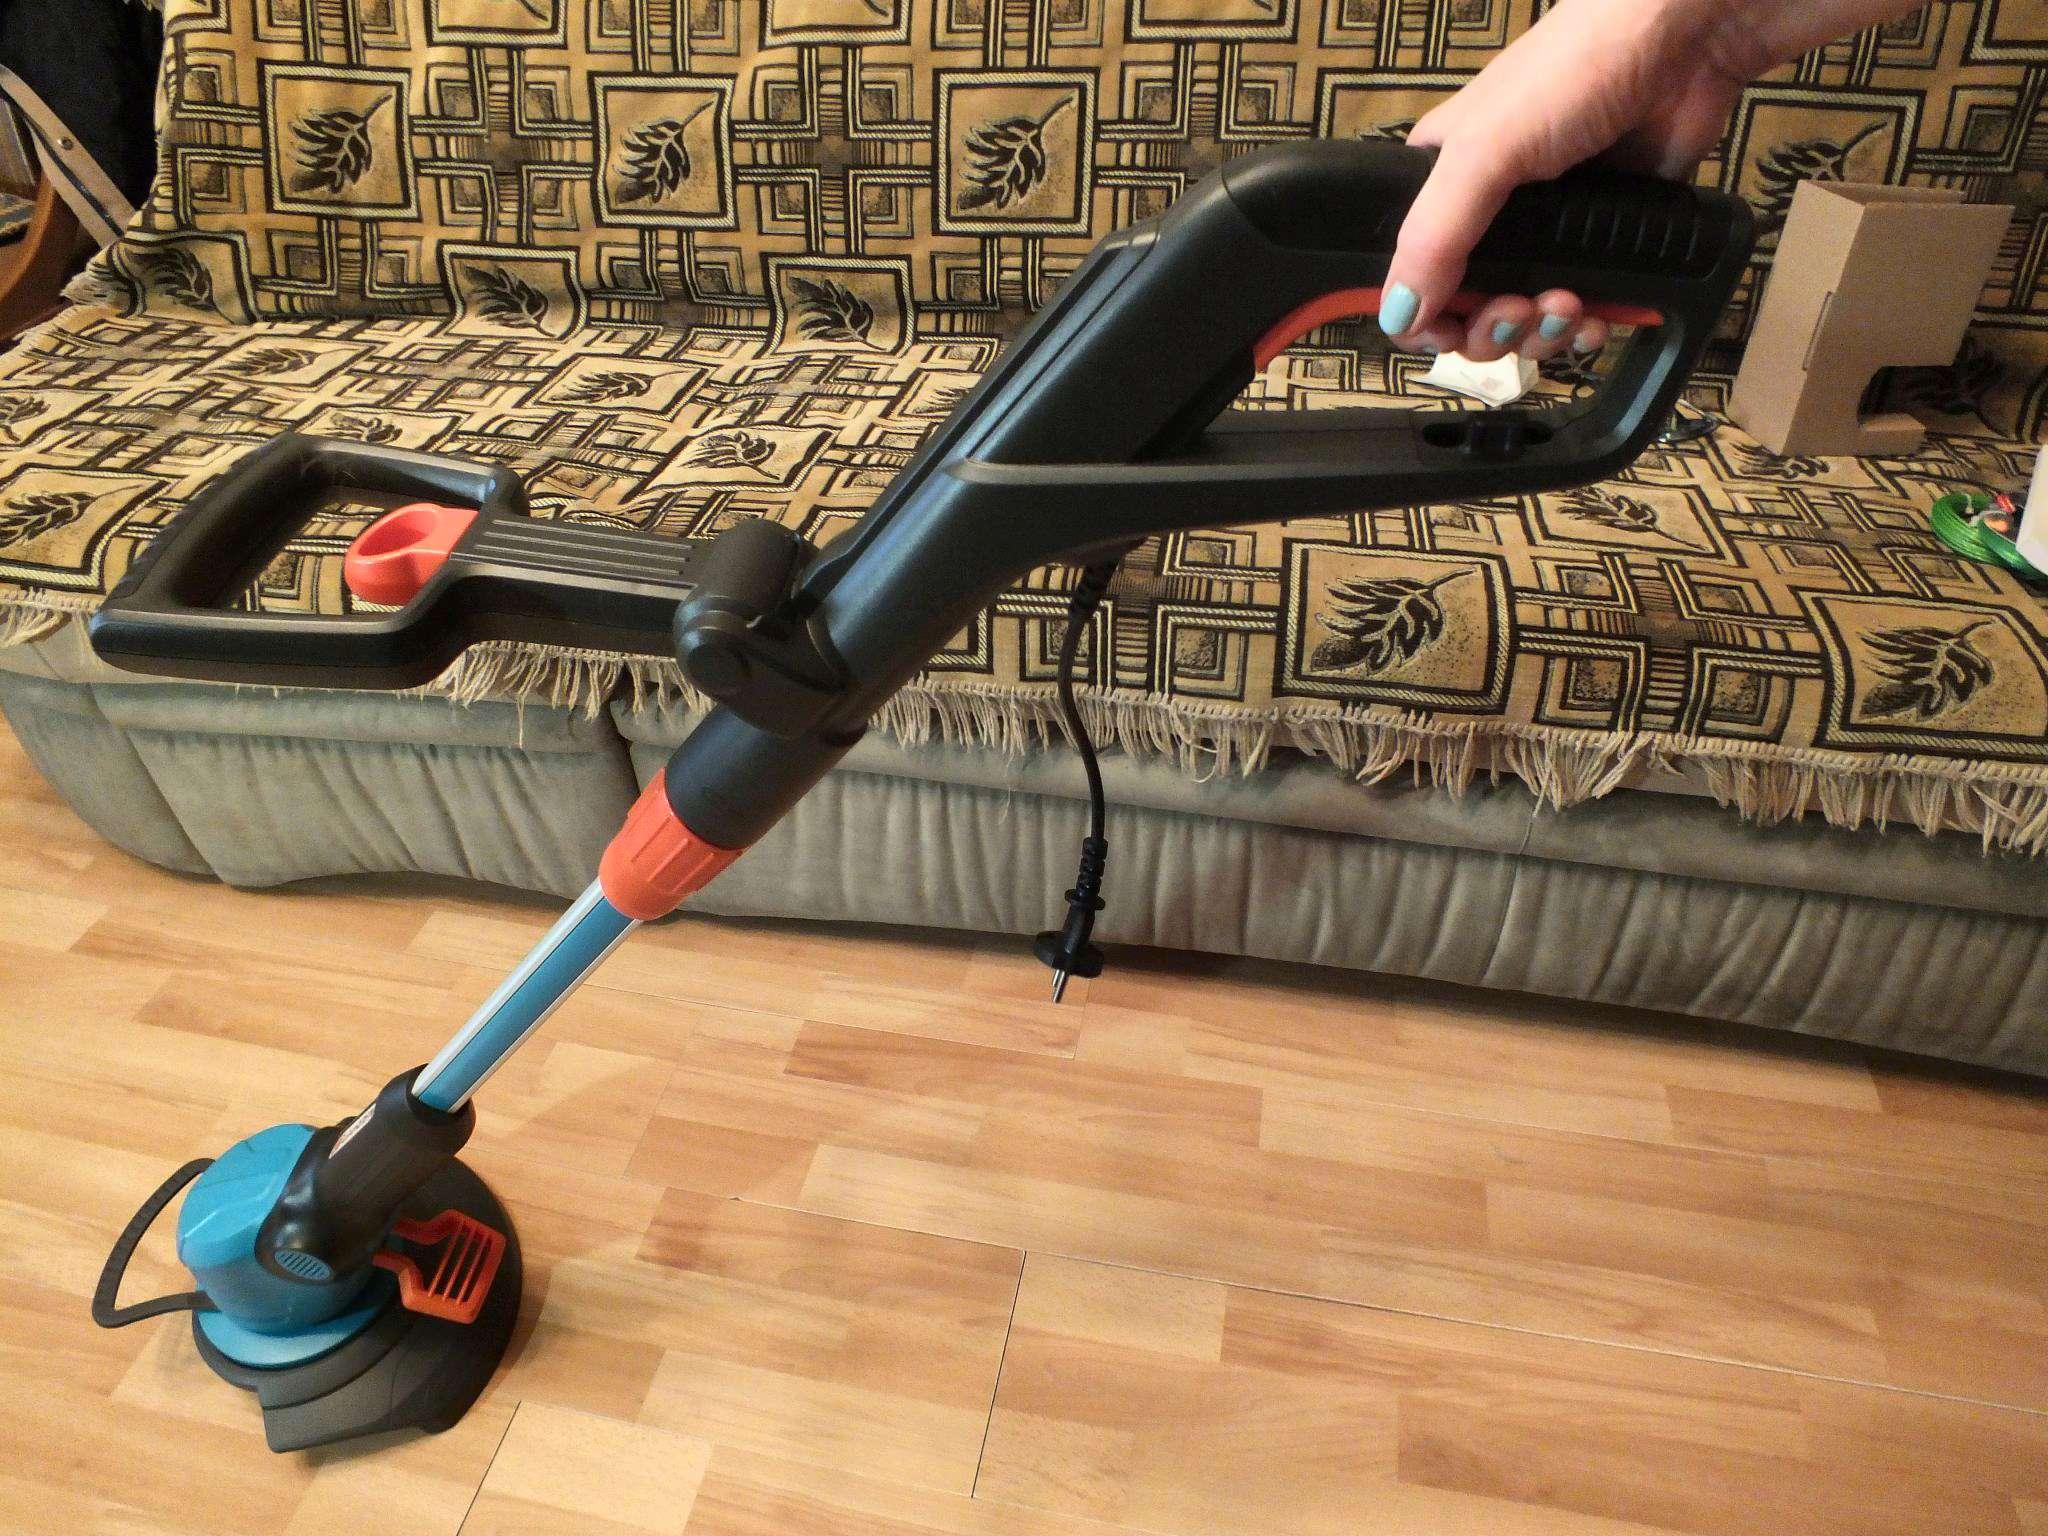 триммер электрический Gardena Easycut 400 25